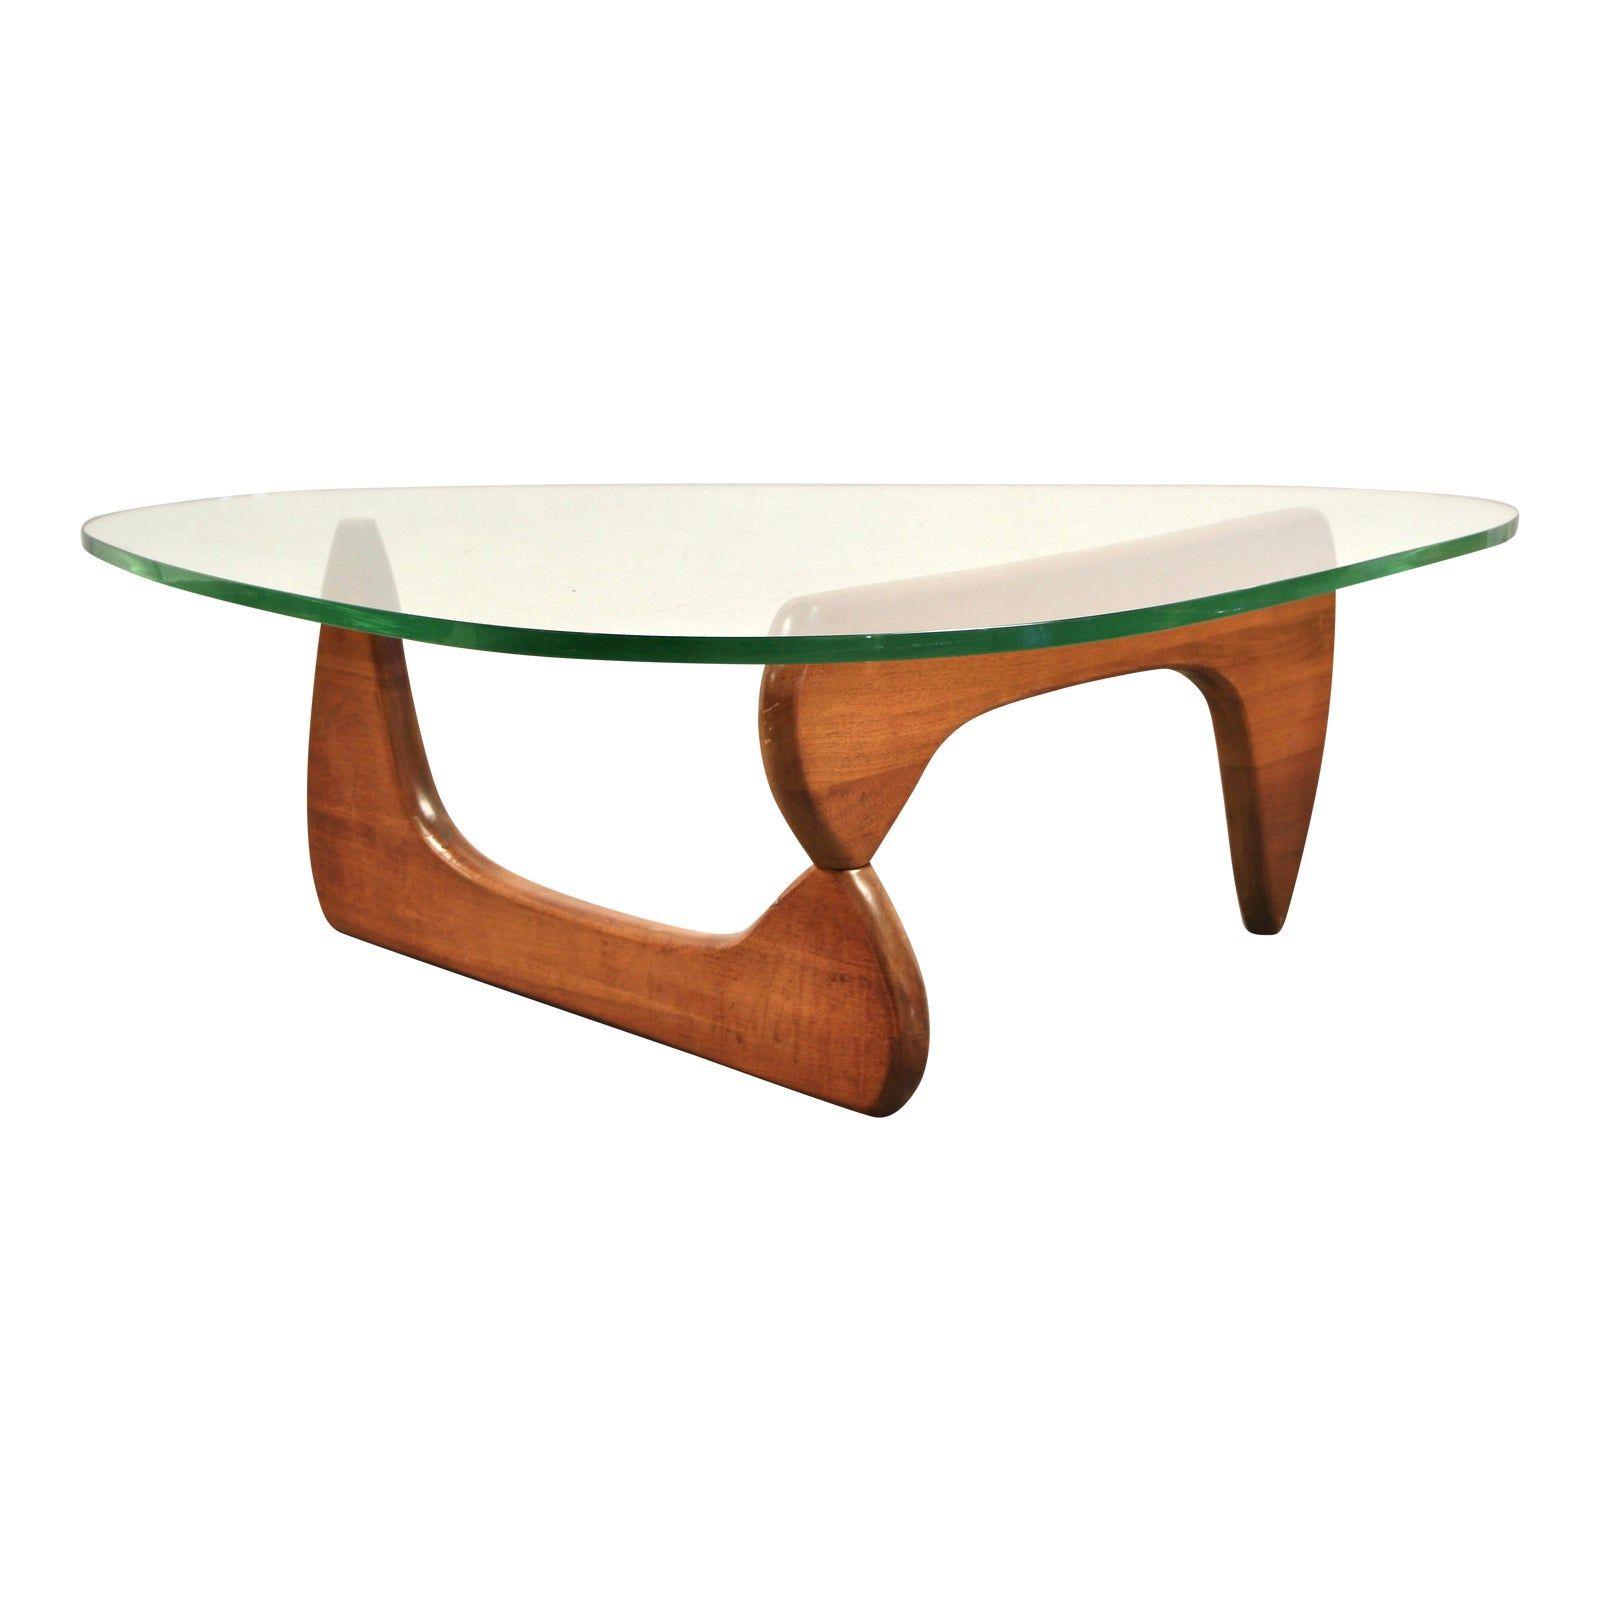 1940s Isamu Noguchi Coffee Table Chairish